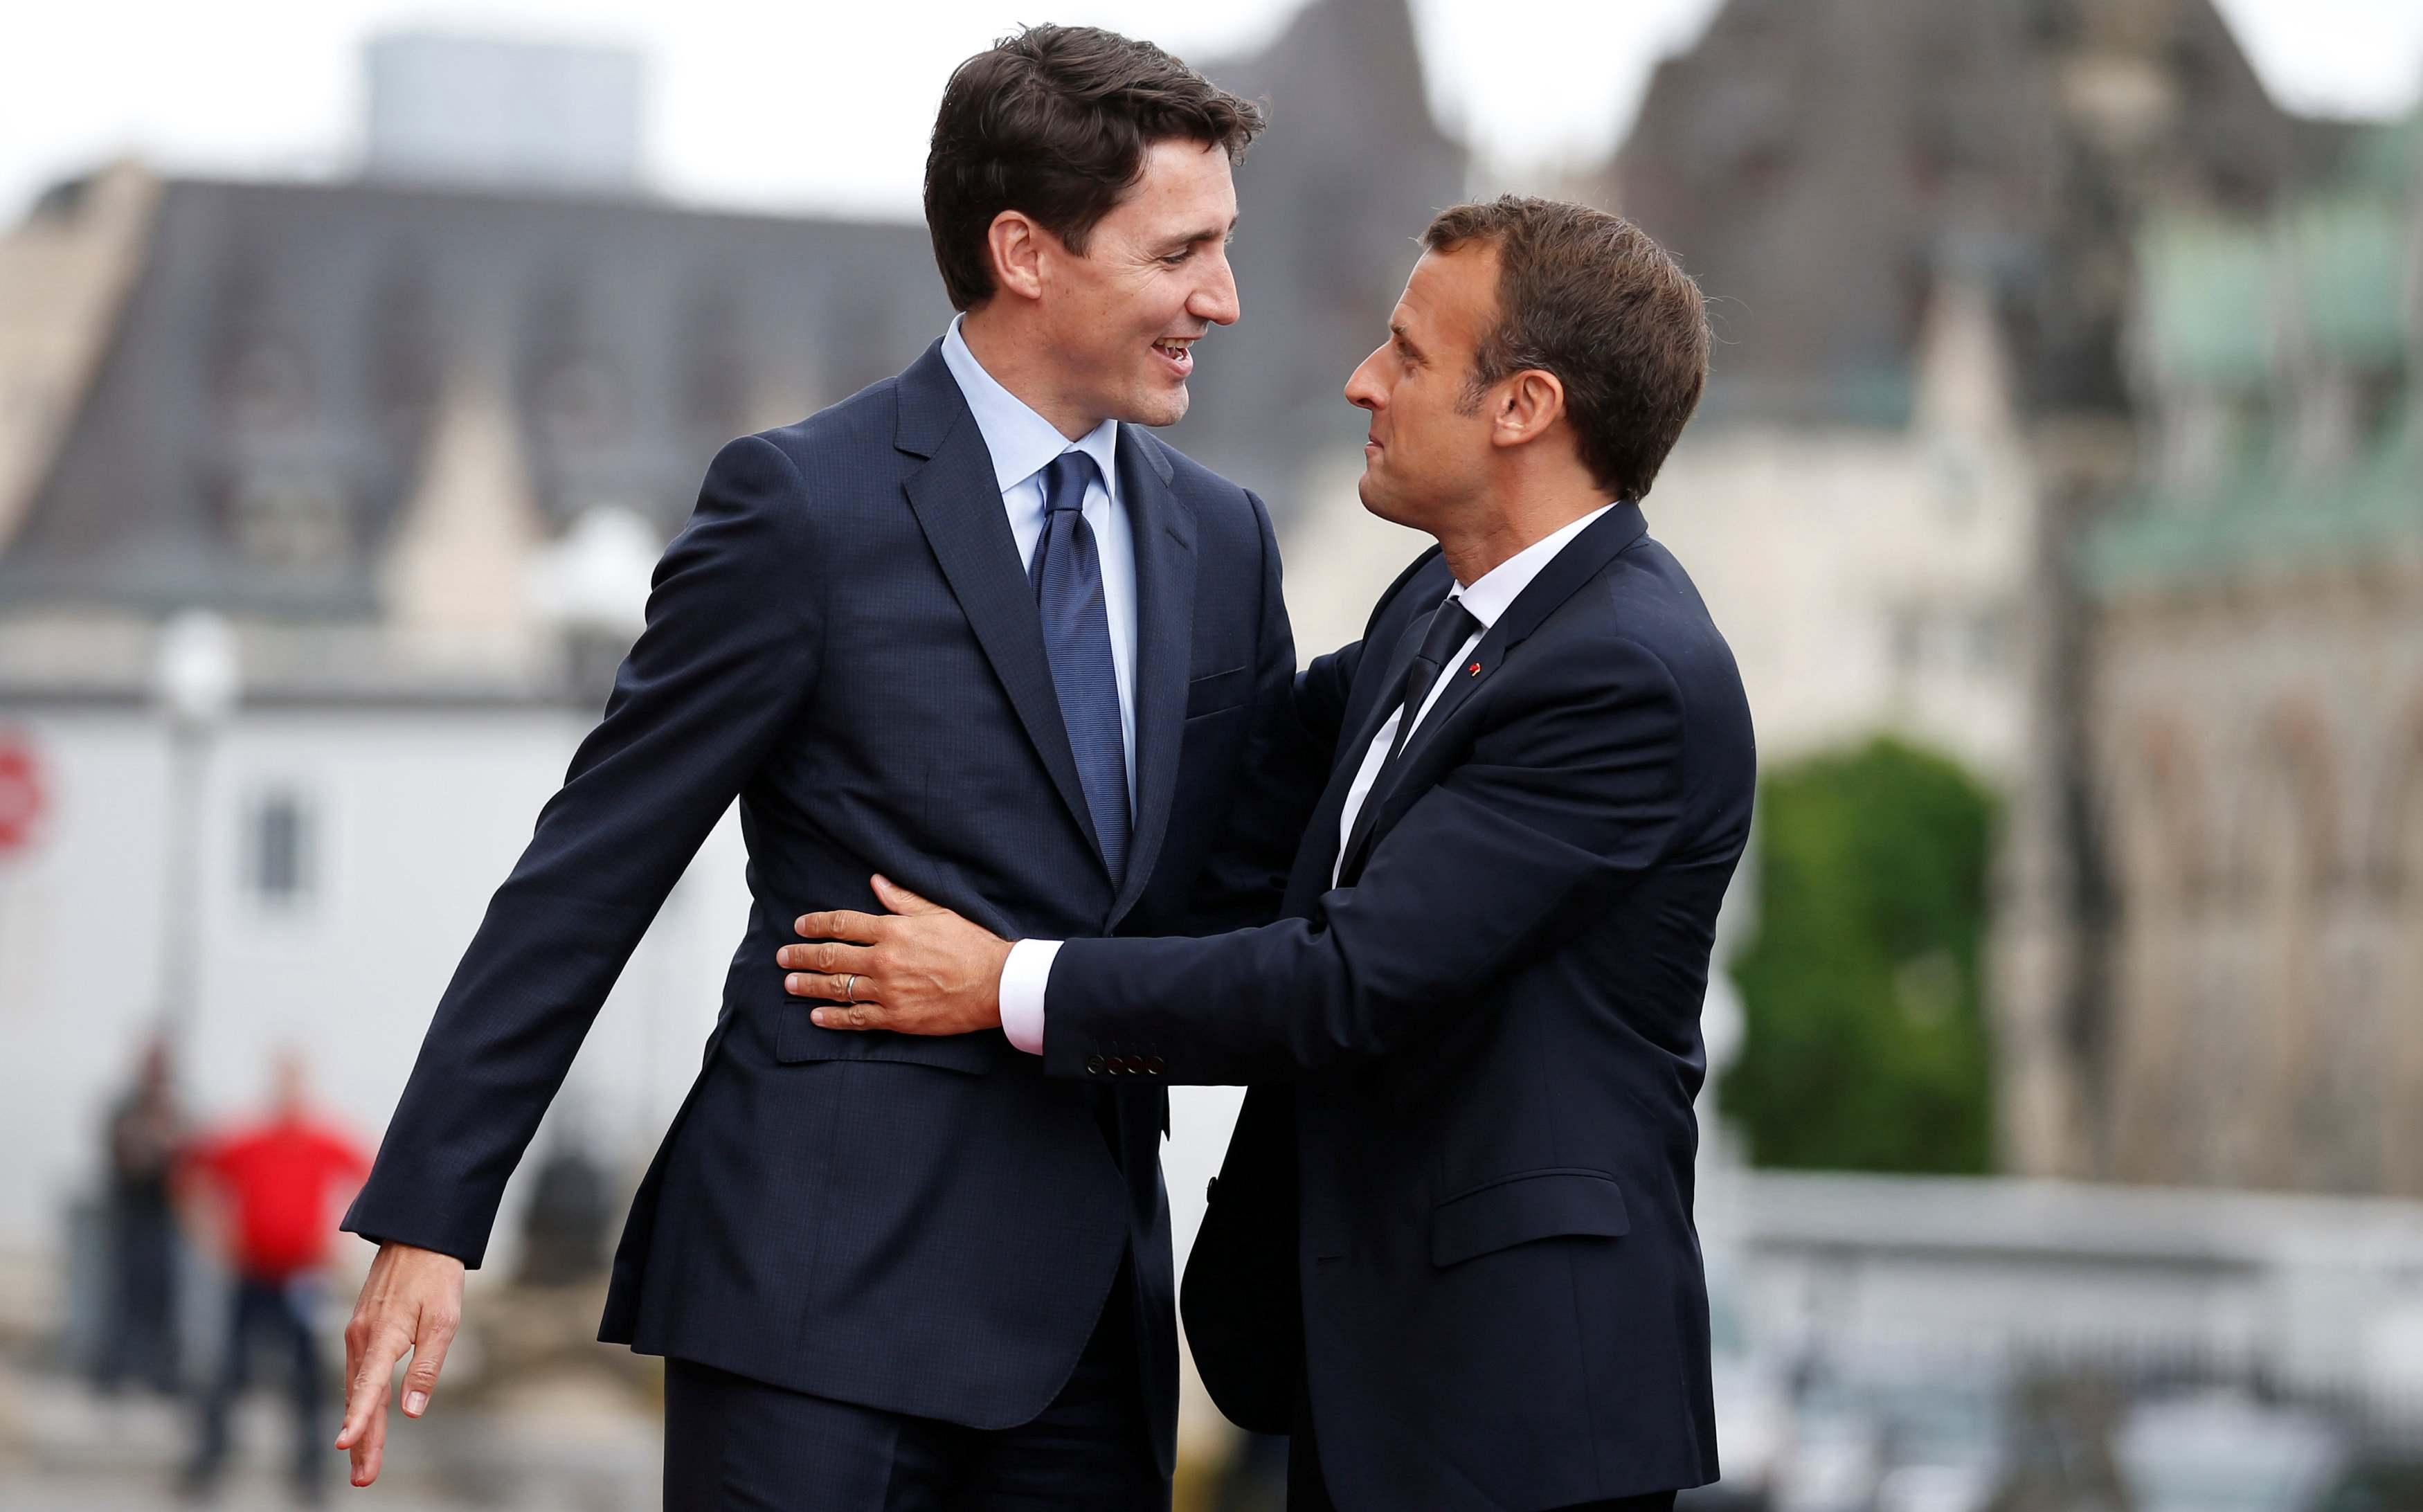 Macron shirtless